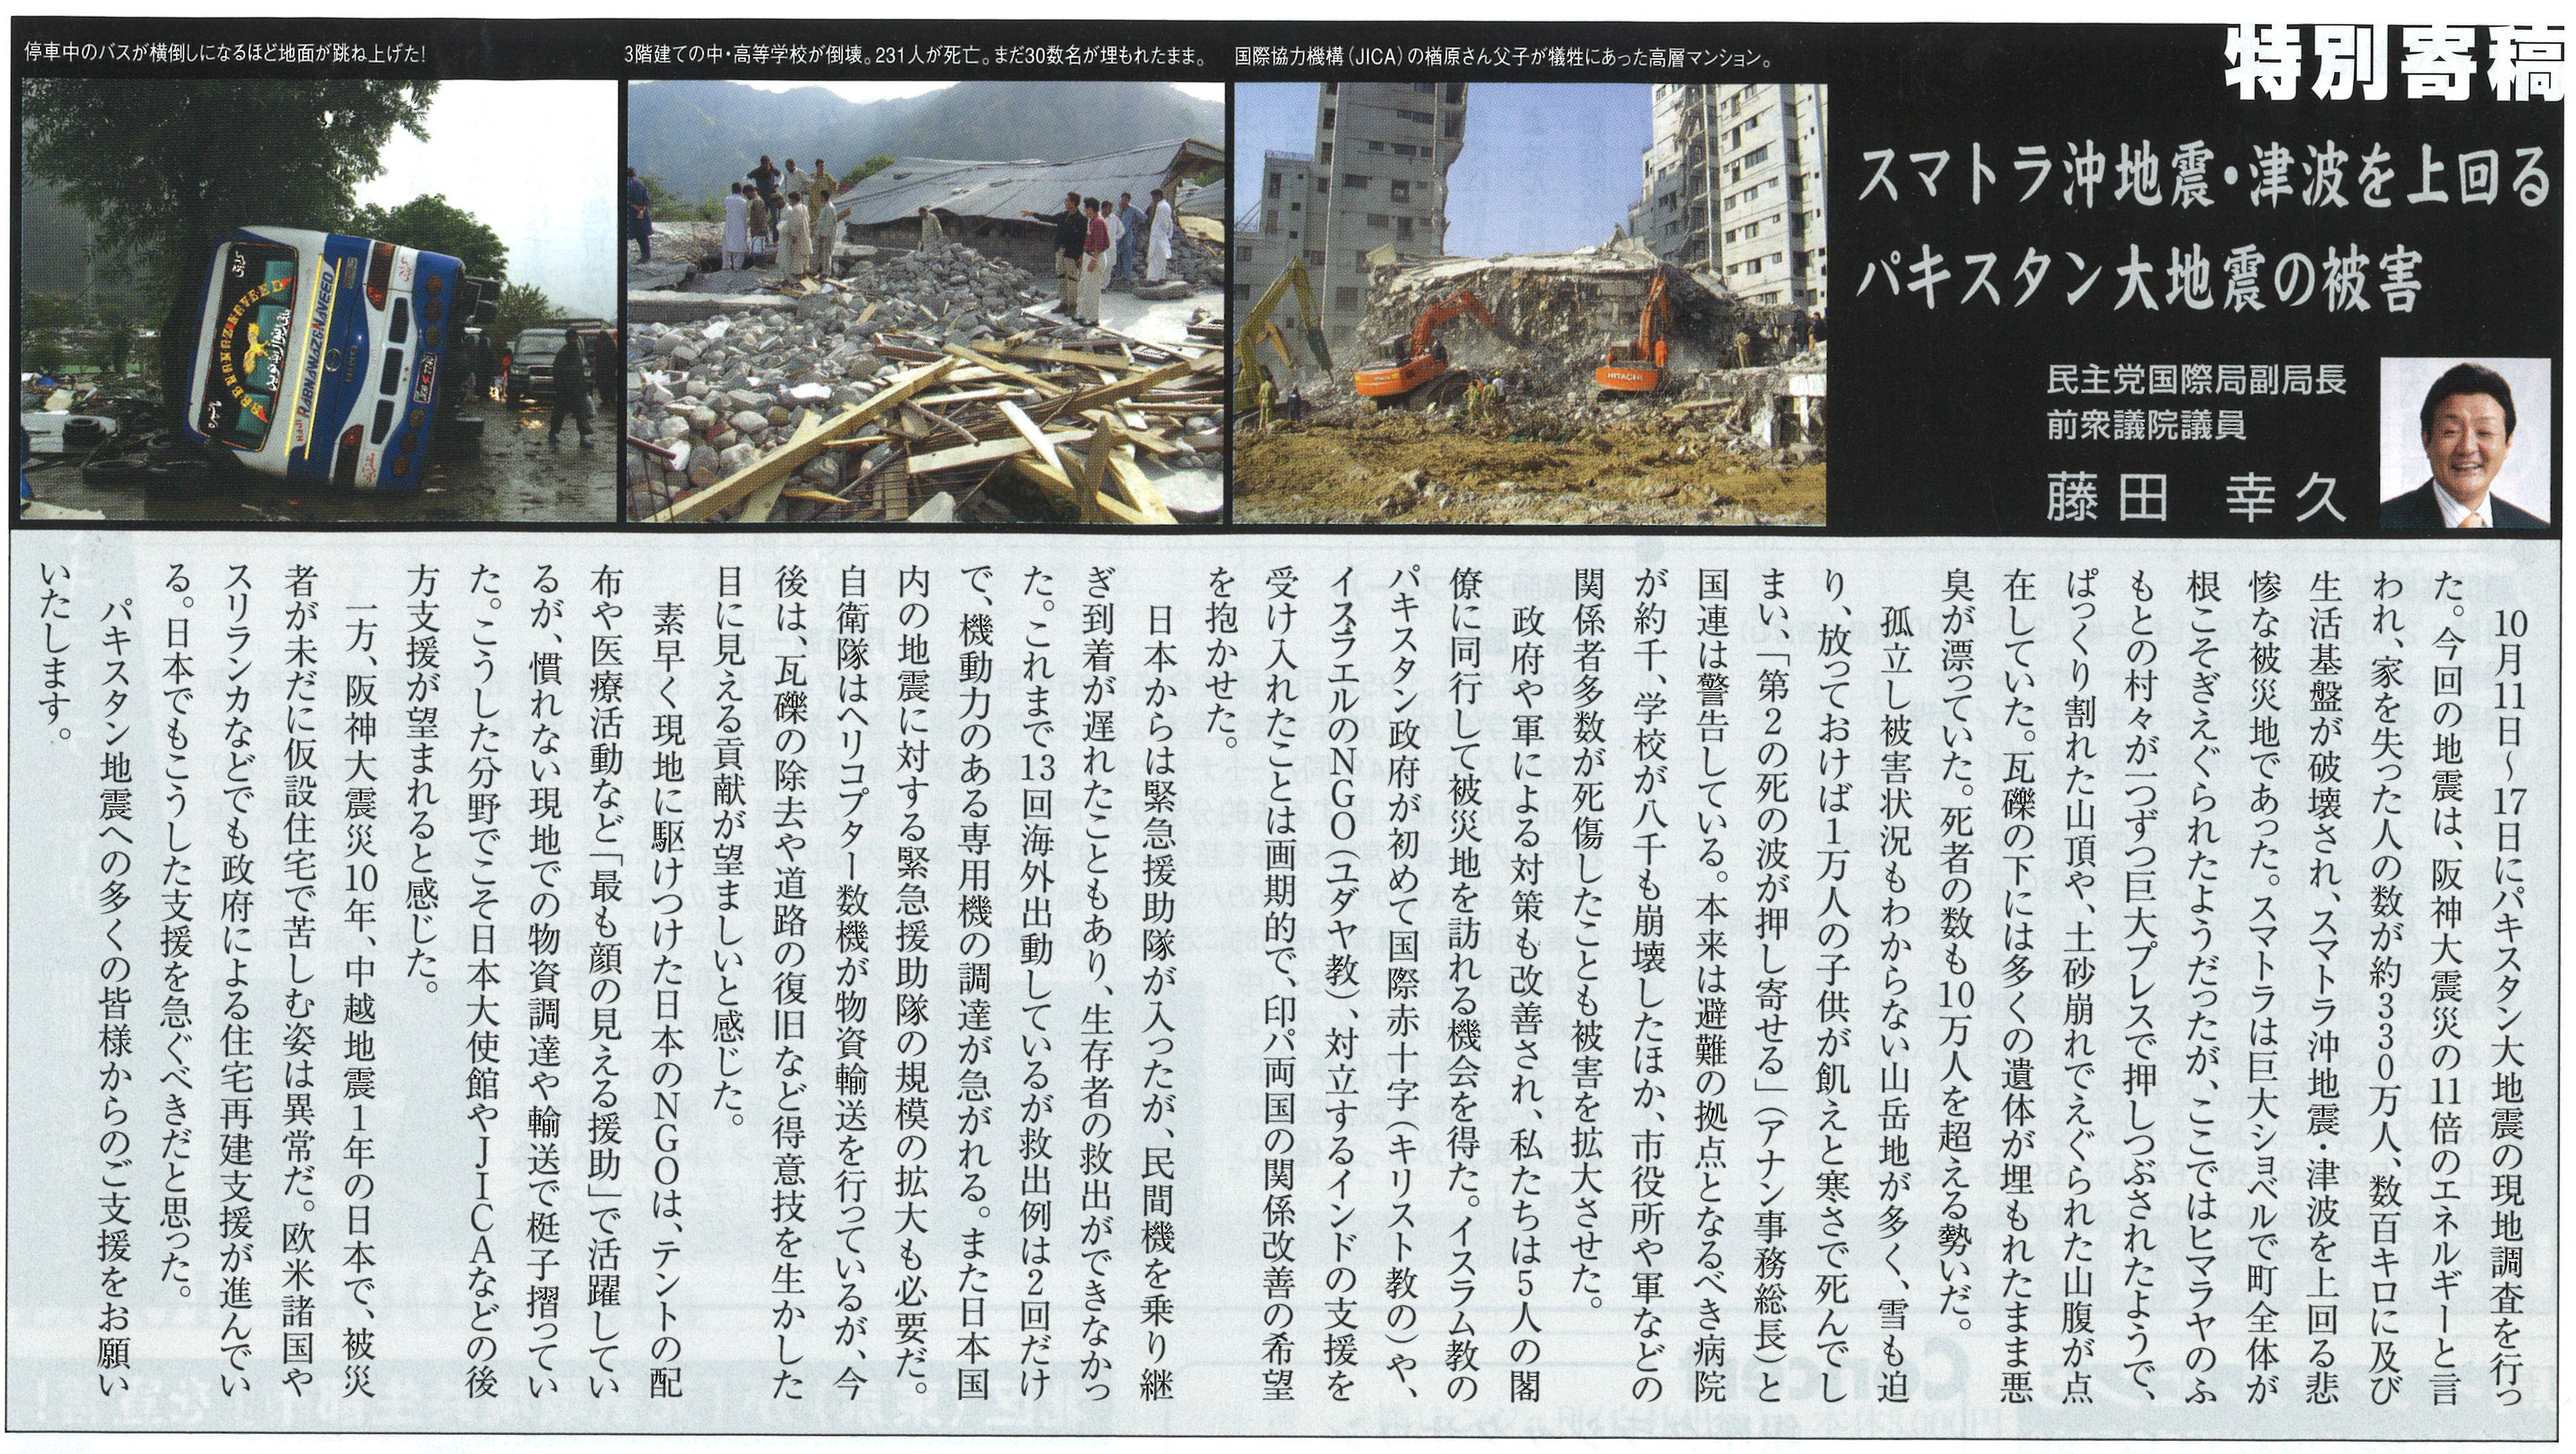 【特別寄稿】スマトラ沖地震・津波を上回る パキスタン大地震の被害